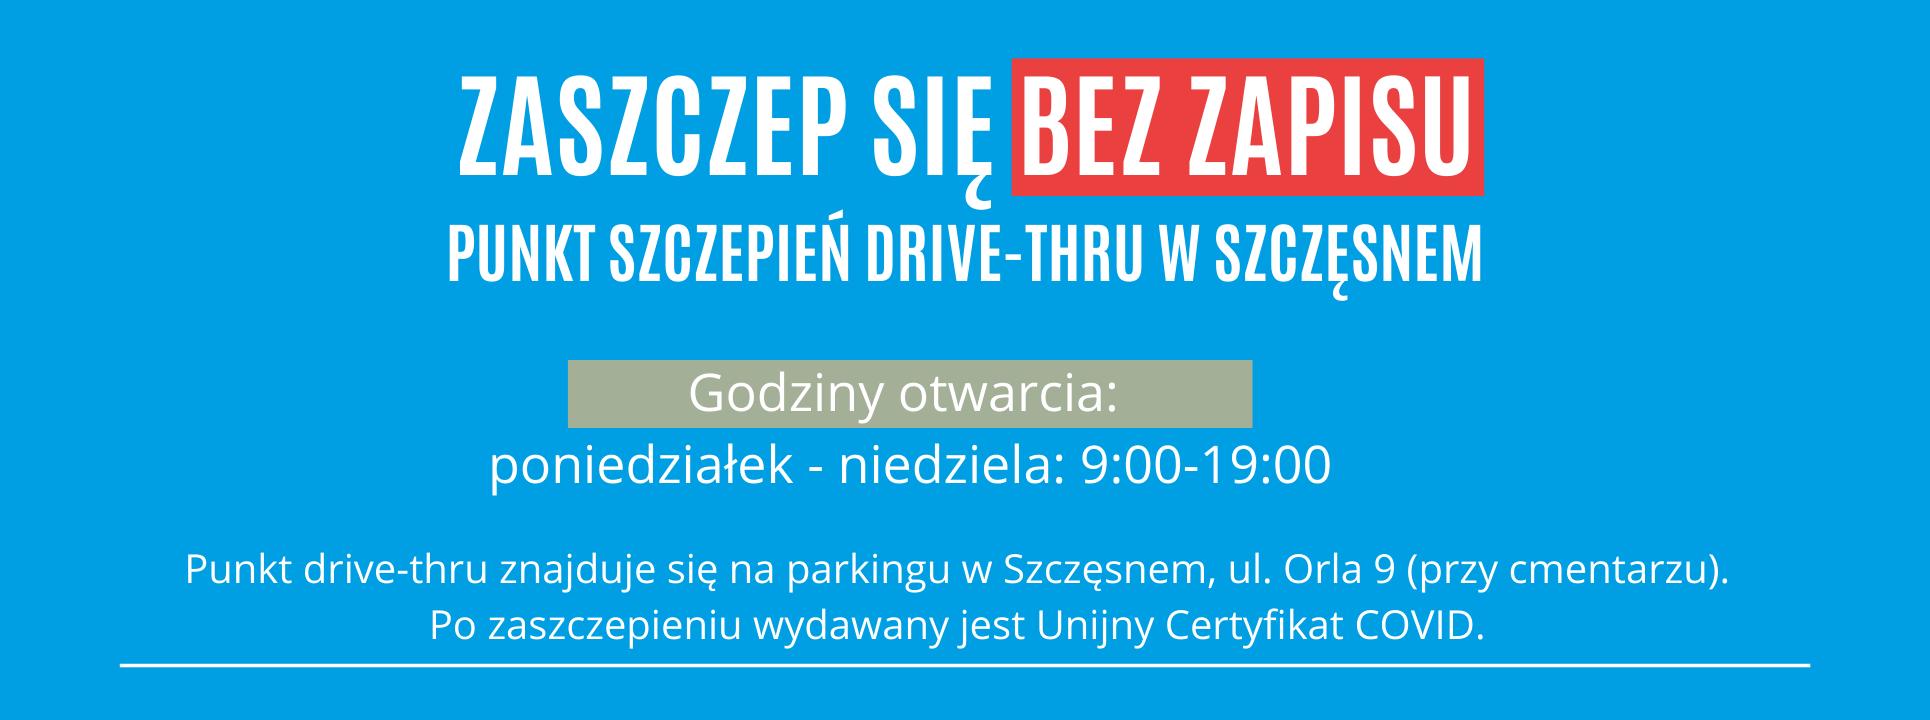 ZASZCZEP SIĘ BEZ ZAPISU PUNKT SZCZEPIEŃ DRIVE-THRU W SZCZĘSNEM Godziny otwarcia punktu: poniedziałek - piątek: 9:00-19:00 Punkt drive-thru znajduje się na parkingu w Szczęsnem przy ulicy Orlej 9 (przy cmentarzu). Na miejscu wydawany będzie Unijny Certyfikat COVD